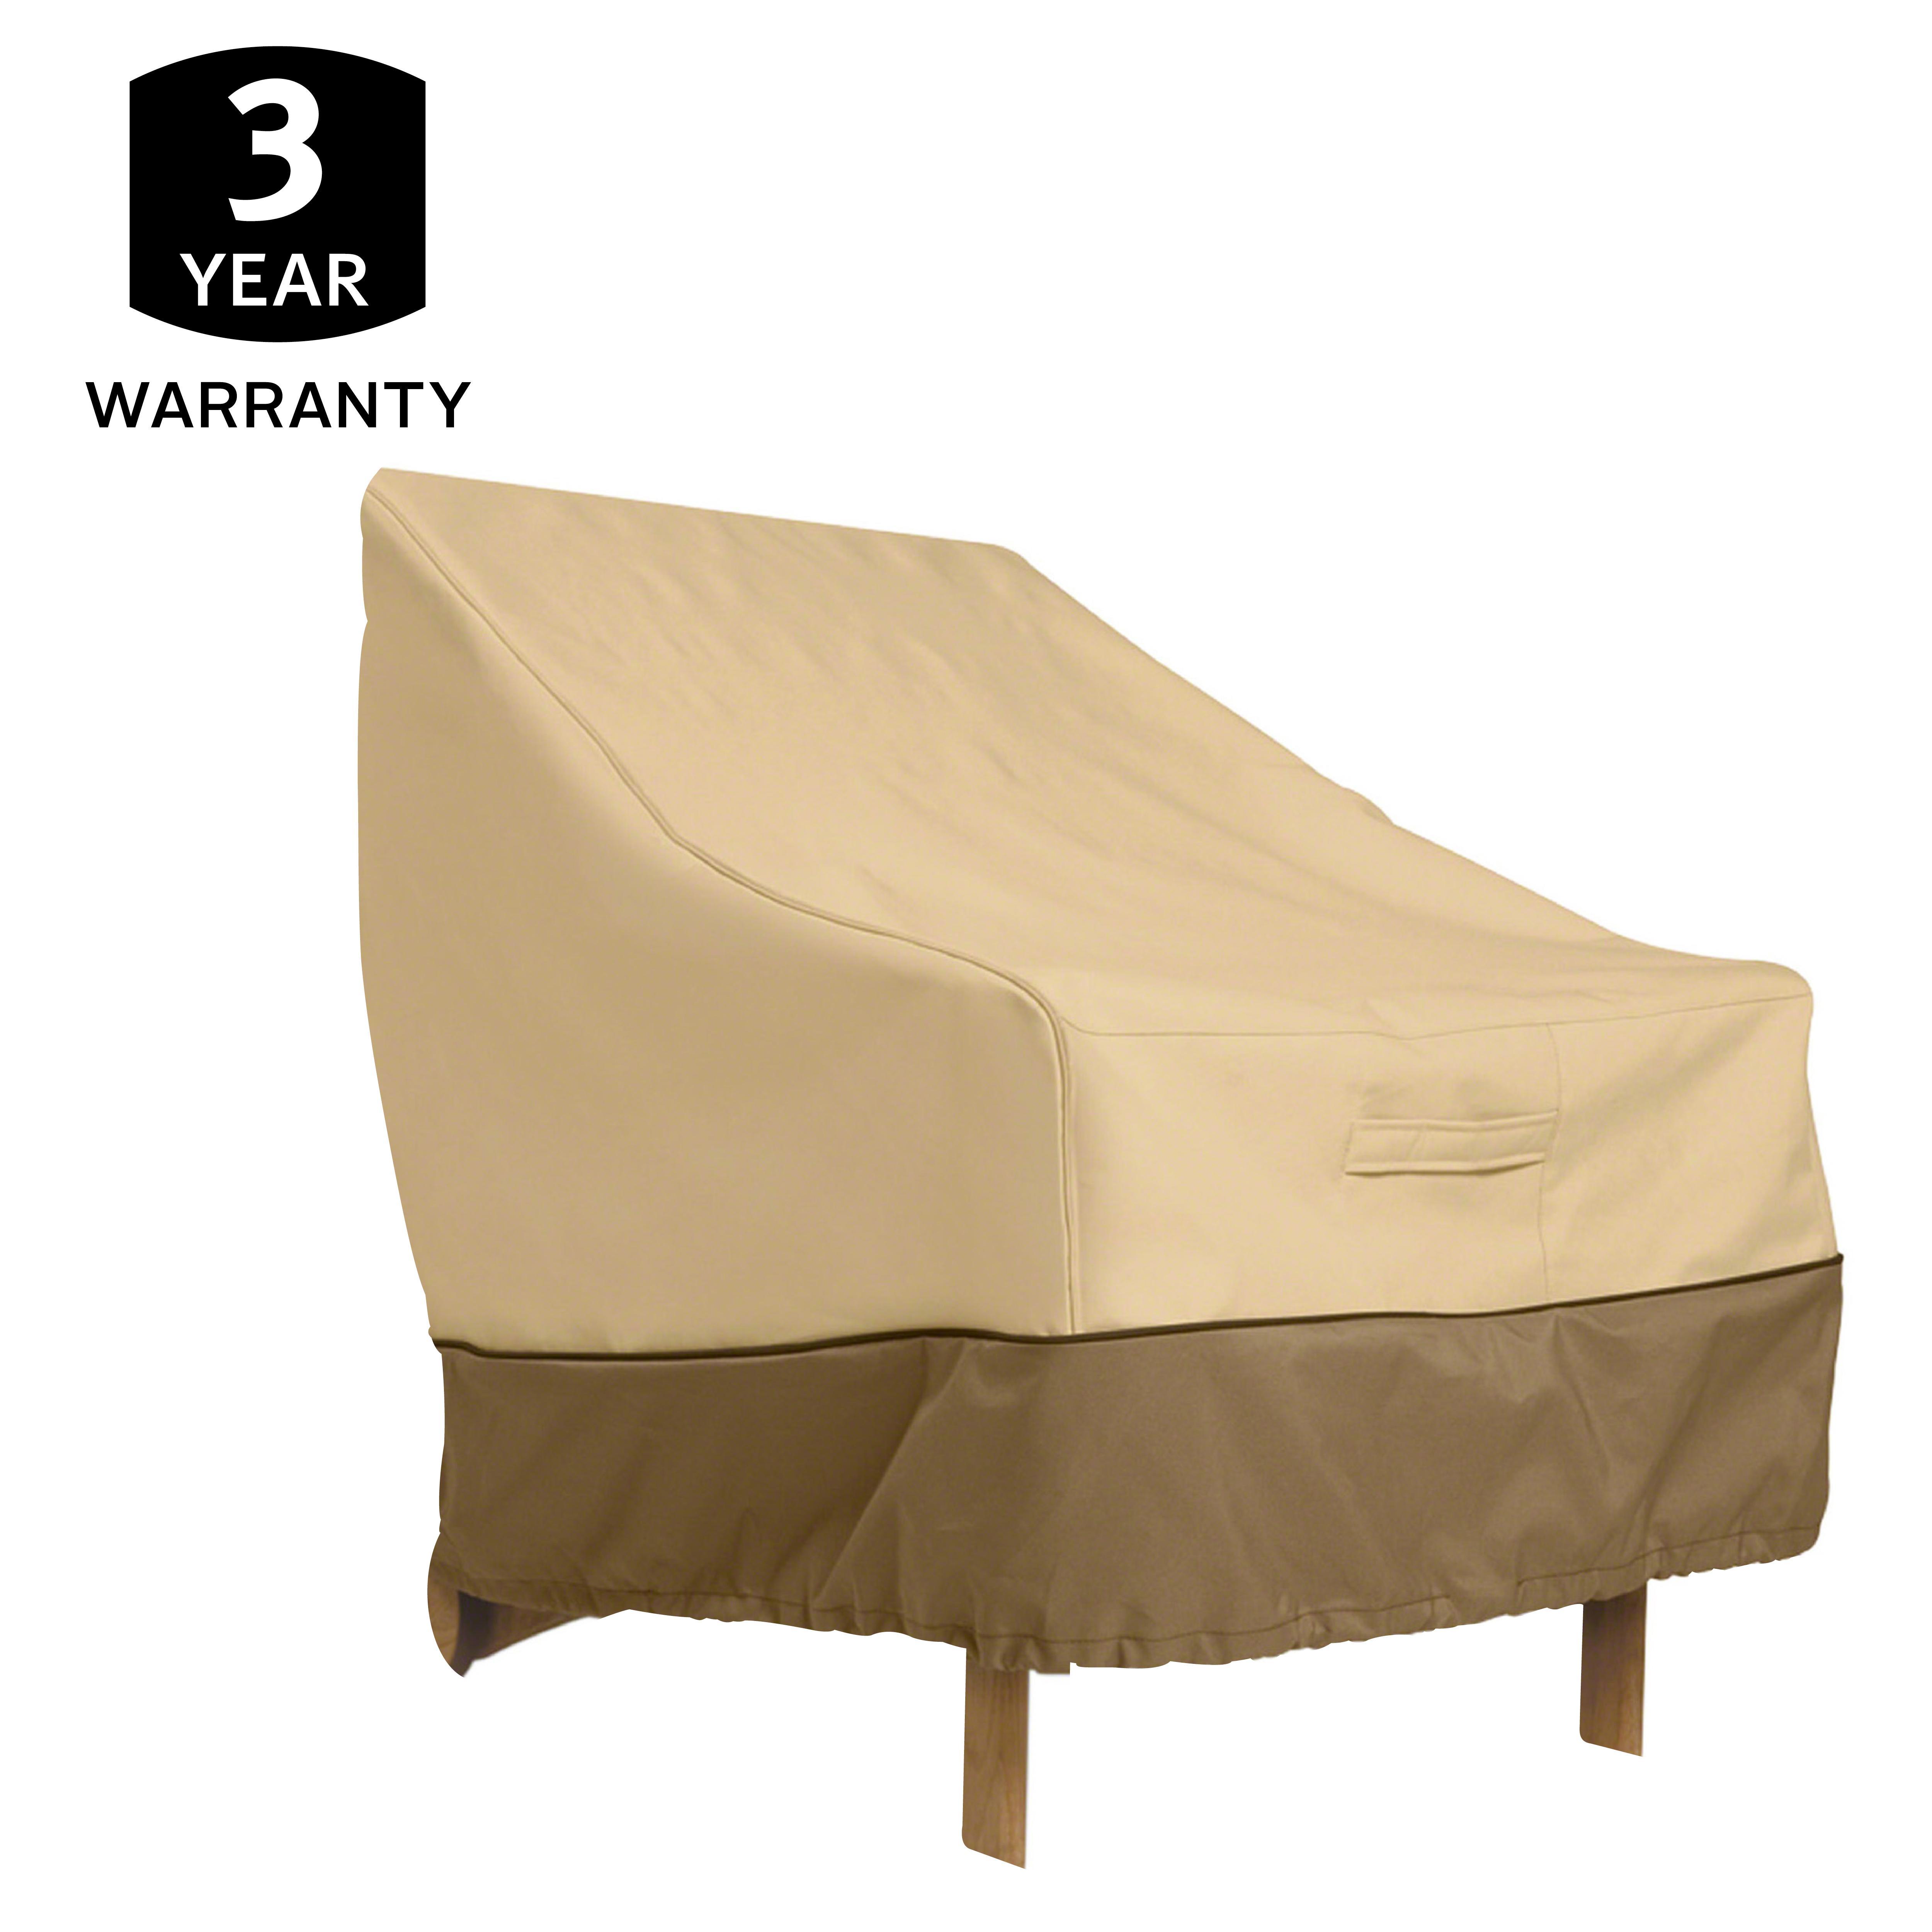 Amazon Com Classic Accessories Veranda Patio Chair Cover